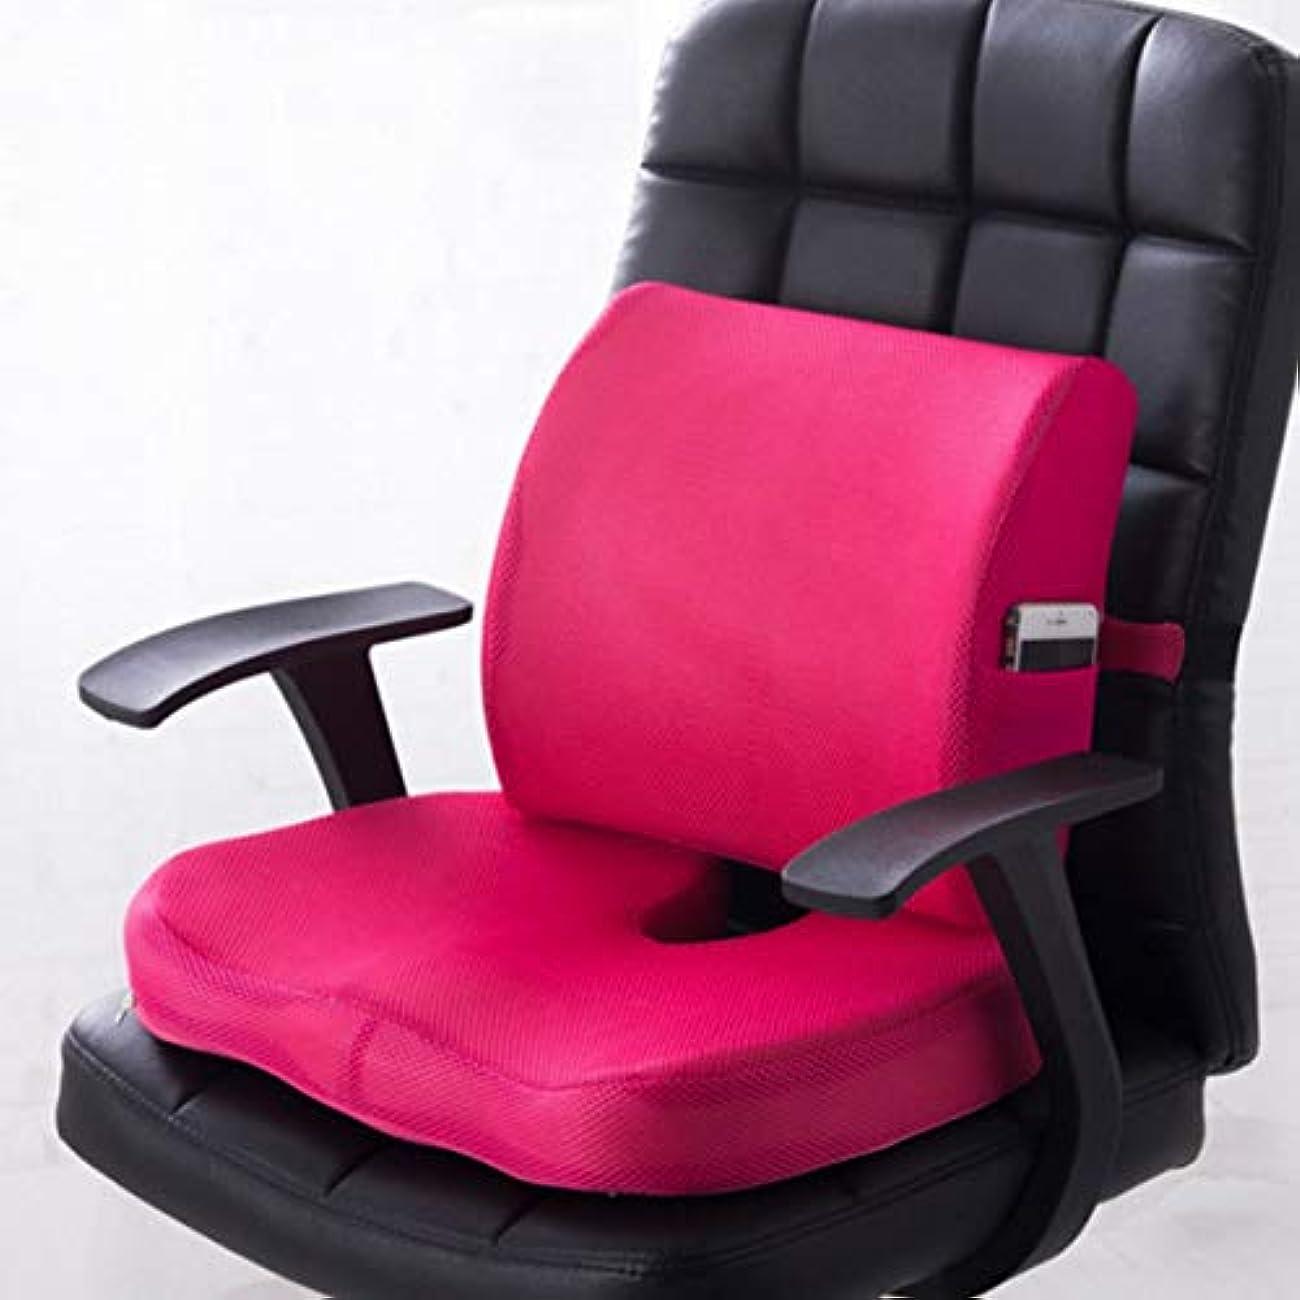 楽なダム放置Intercorey快適な低反発腰椎バックピローサポートバッククッションホームオフィスカーシートクッションセット